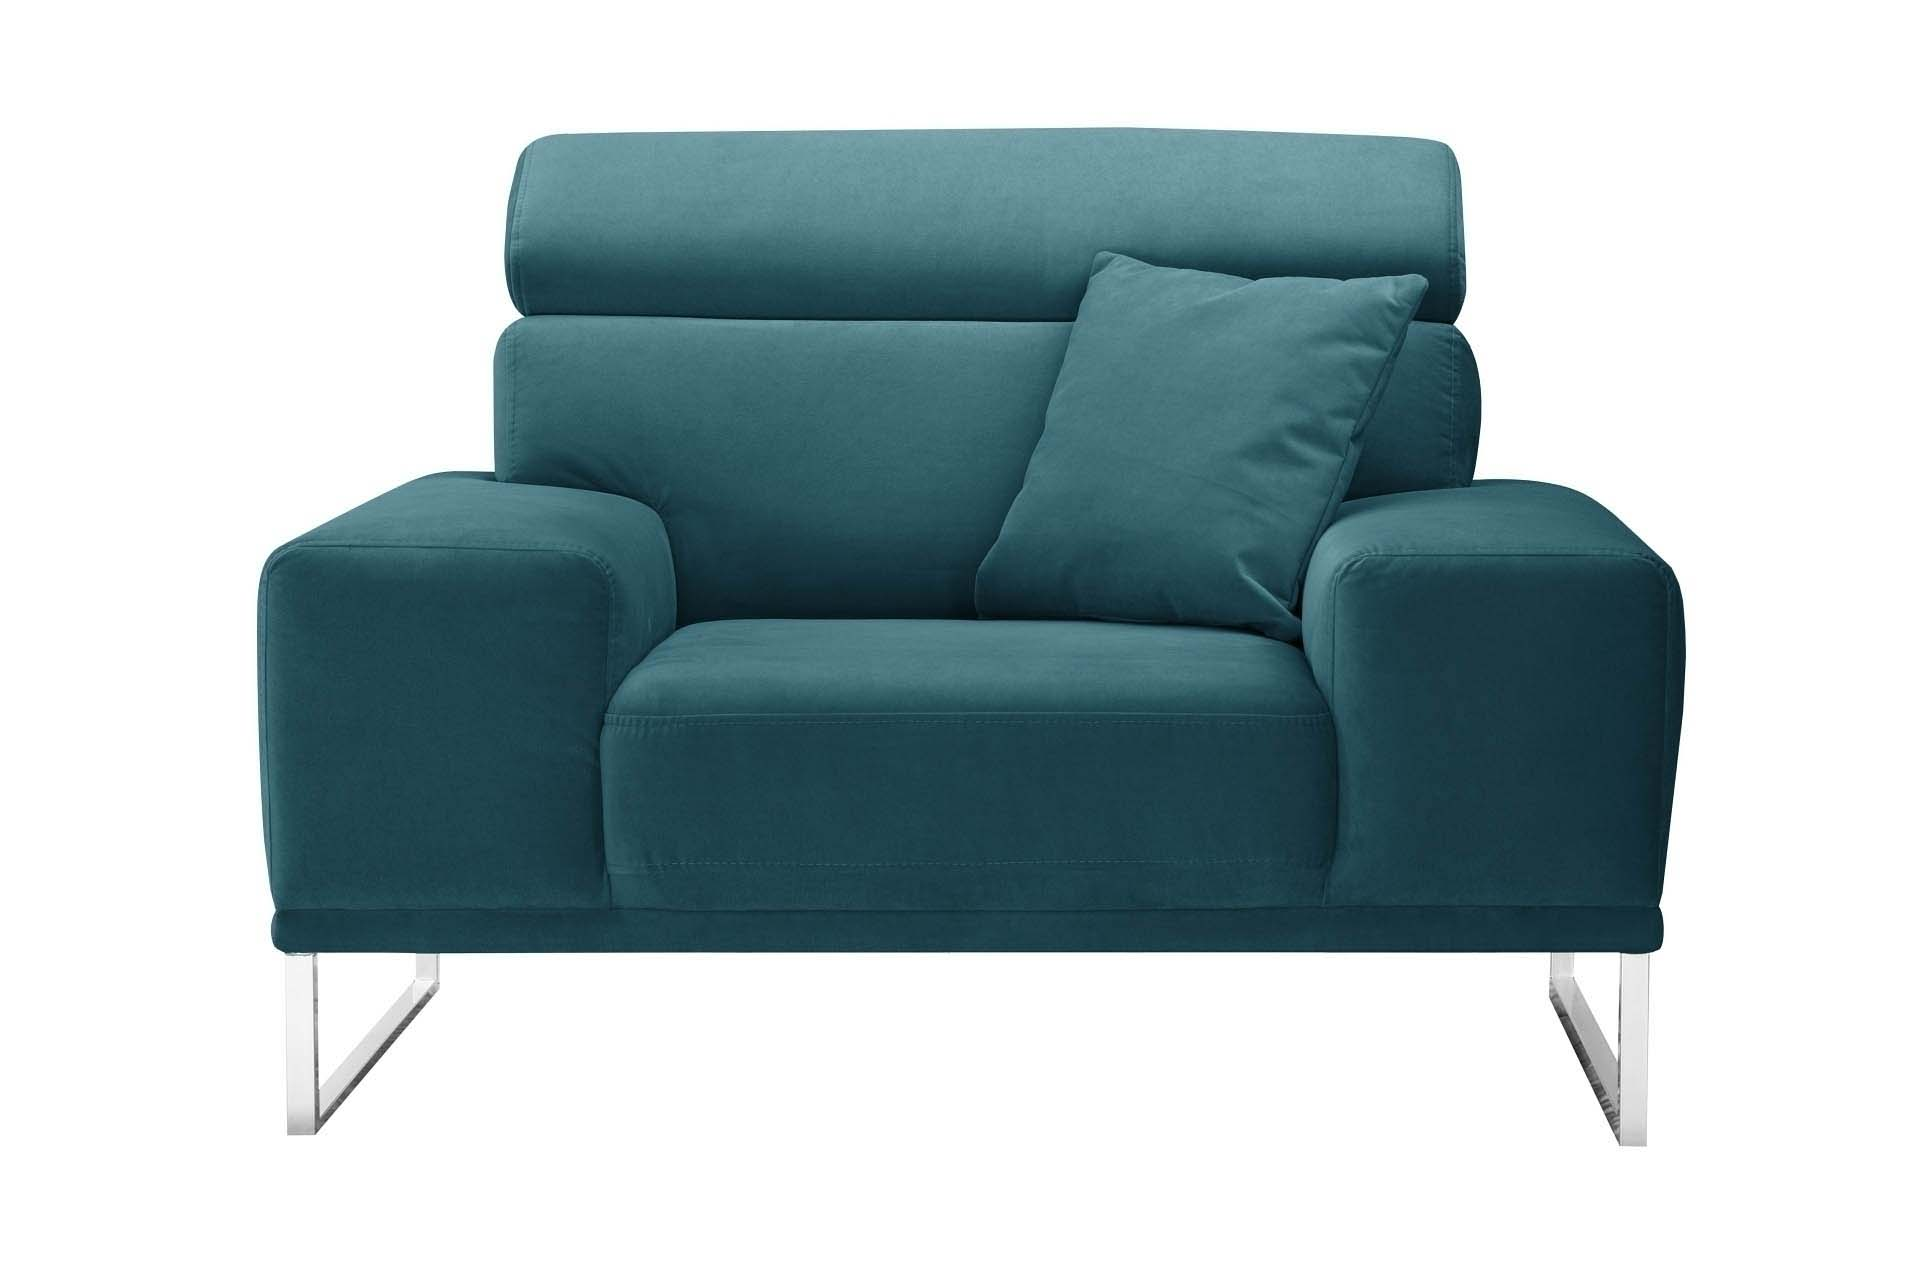 Fauteuil 1 place en velours bleu turquoise